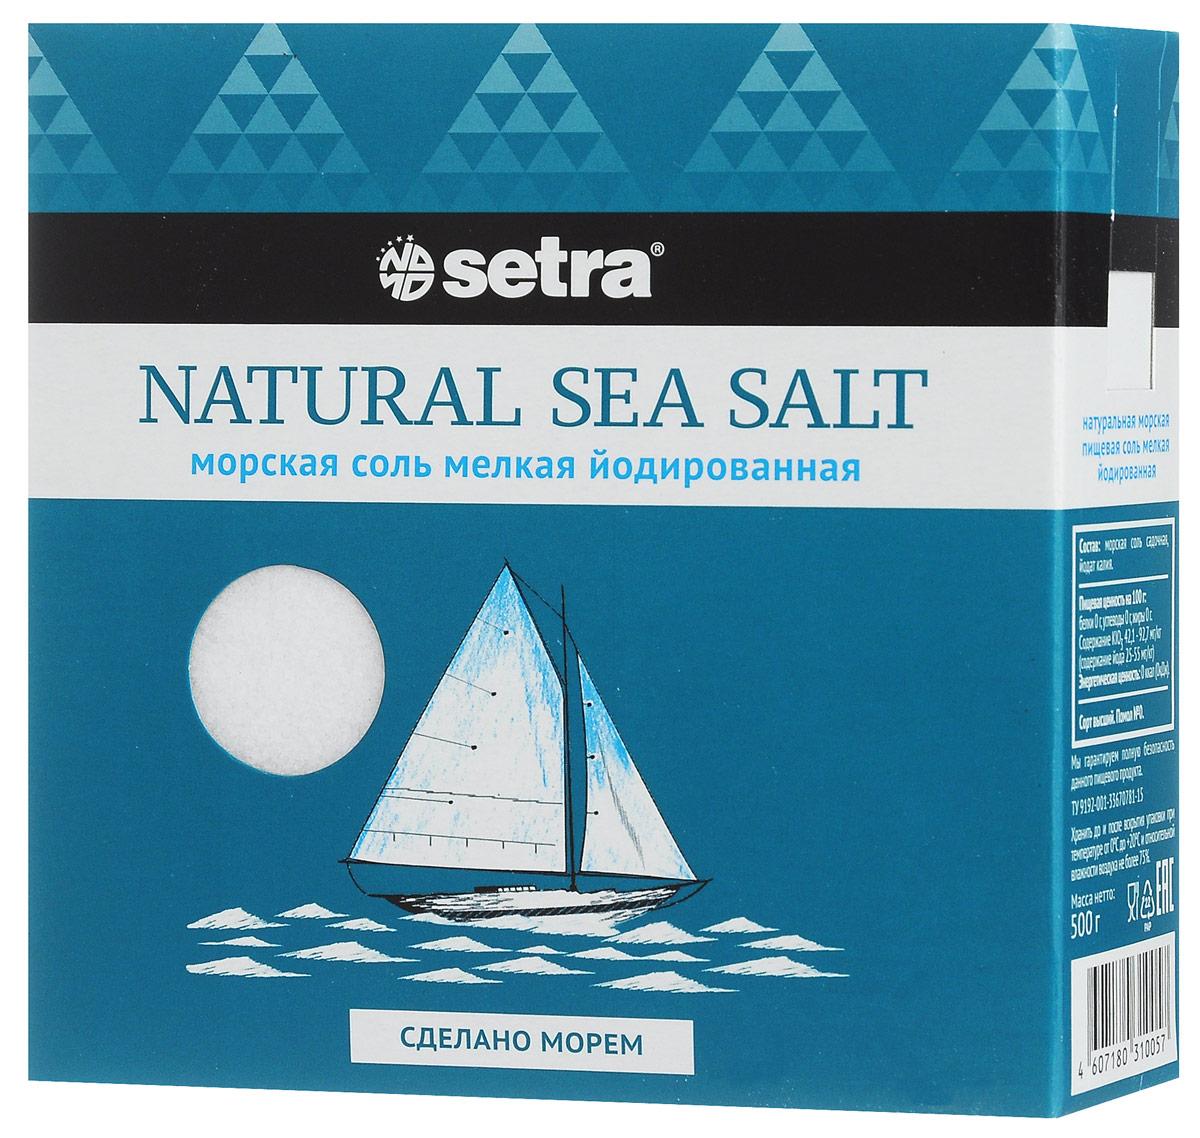 Setra соль морская мелкая йодированная, 500 гбте002Морскую соль Setra получают из вод Адриатического моря уже более 700 лет старым, естественным, экологически чистым способом: выпариванием морской воды на солнце. В отличие от каменной соли морская соль содержит больше ионов магния, калия, йода, кальция, фтора, а также других морских минералов, что, помимо ощутимой пользы для организма, придаст вашим блюдам особый изысканный вкус.